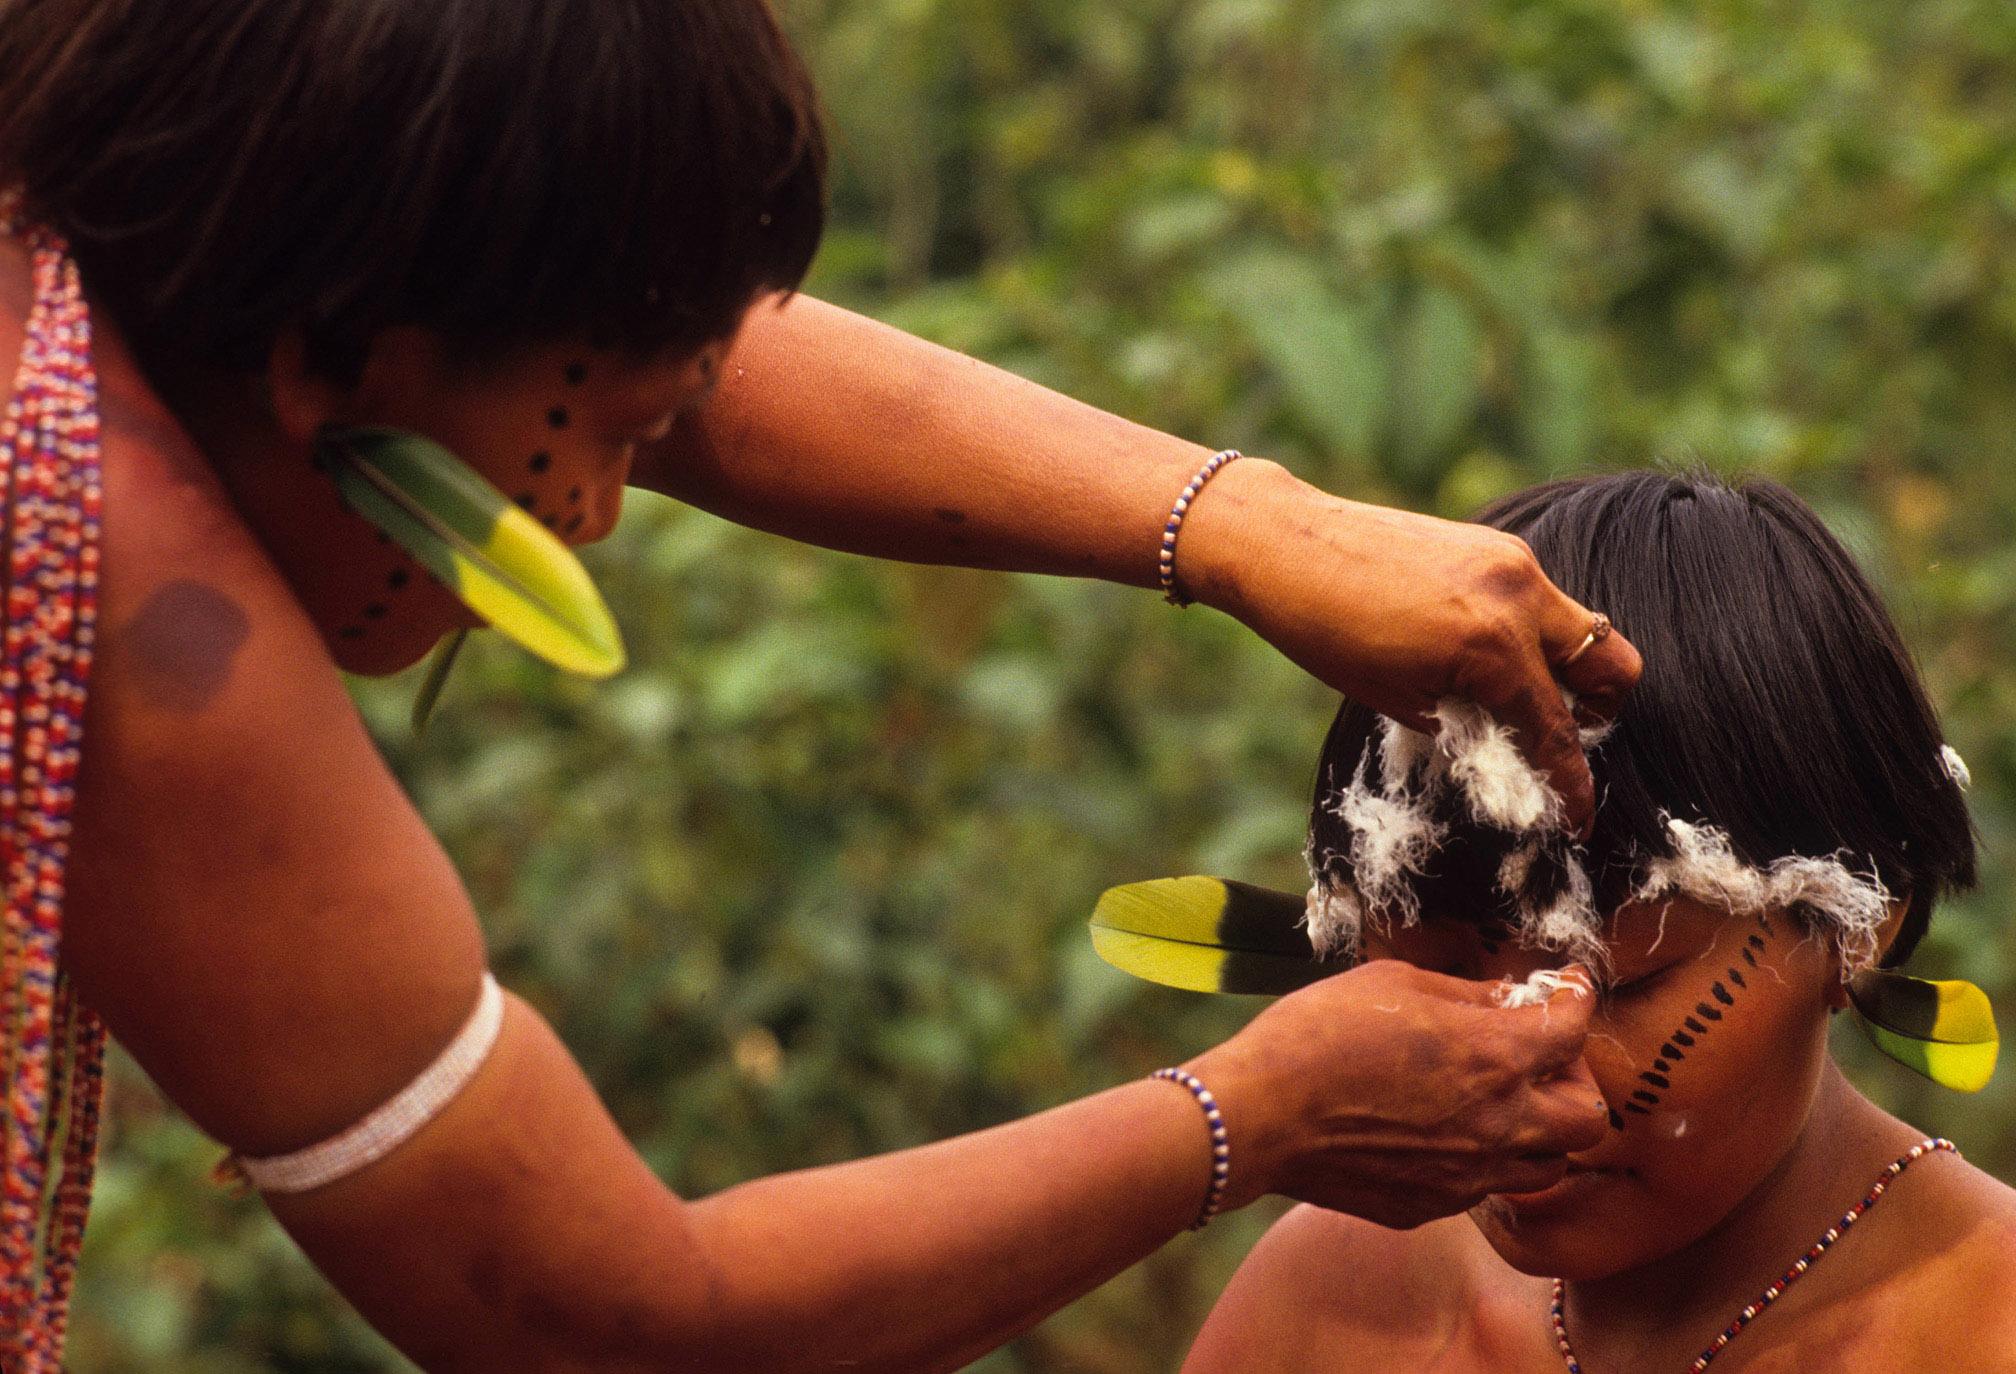 Coronavírus: O que podemos aprender com um xamã da Amazônia? Parte 2: Criação do mundo e a mitologia Yanomami